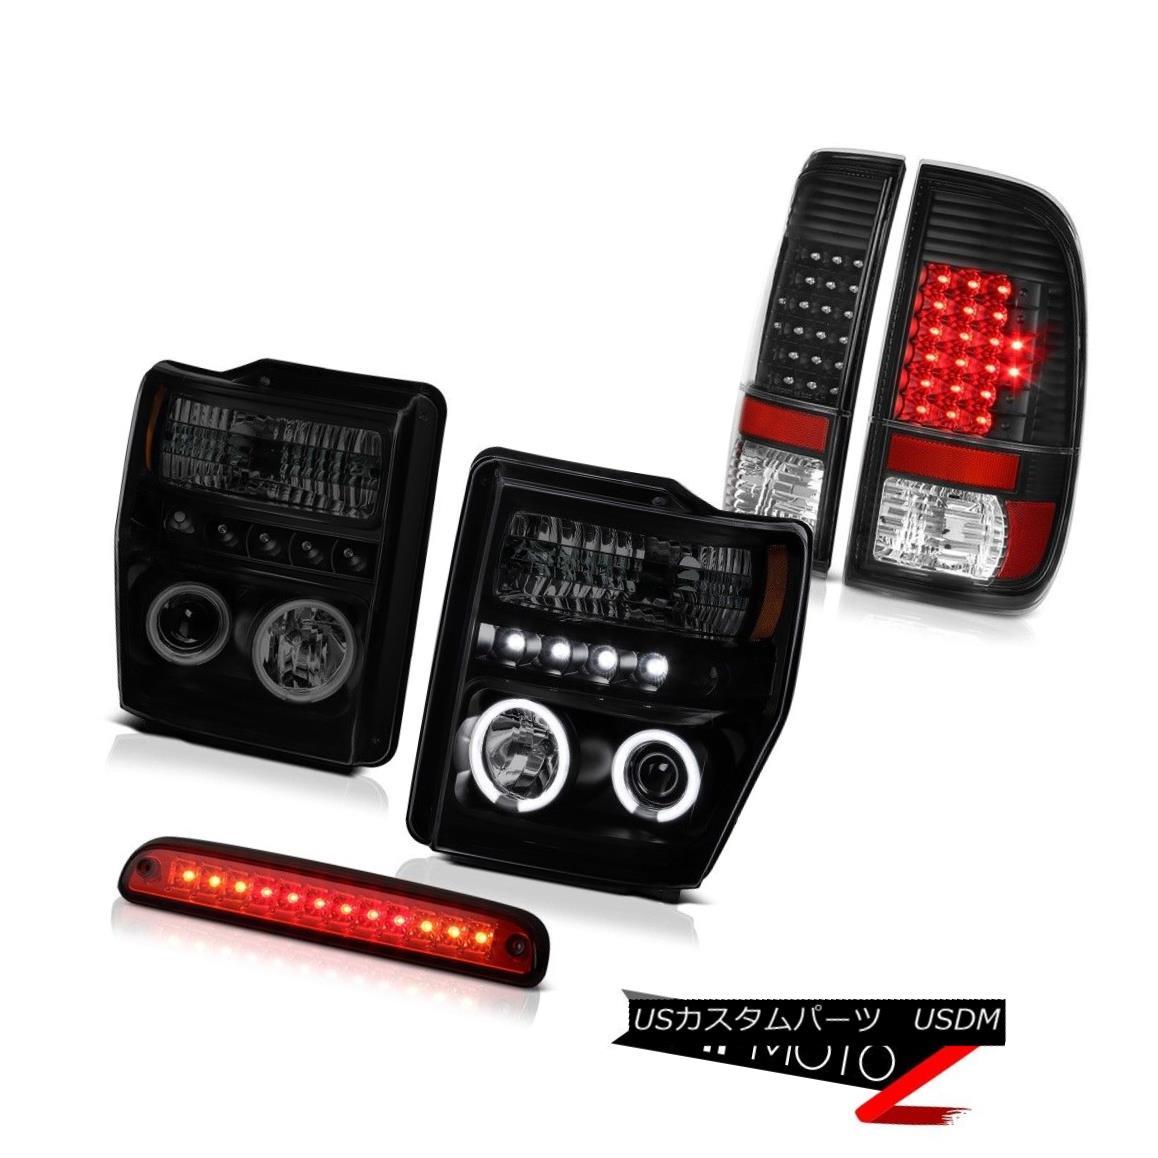 テールライト 08-10 F250 Triton V10 Sinister Black CCFL Rim Headlights Signal Tail Lights LED 08-10 F250トリトンV10シニスターブラックCCFLリムヘッドライト信号テールライトLED